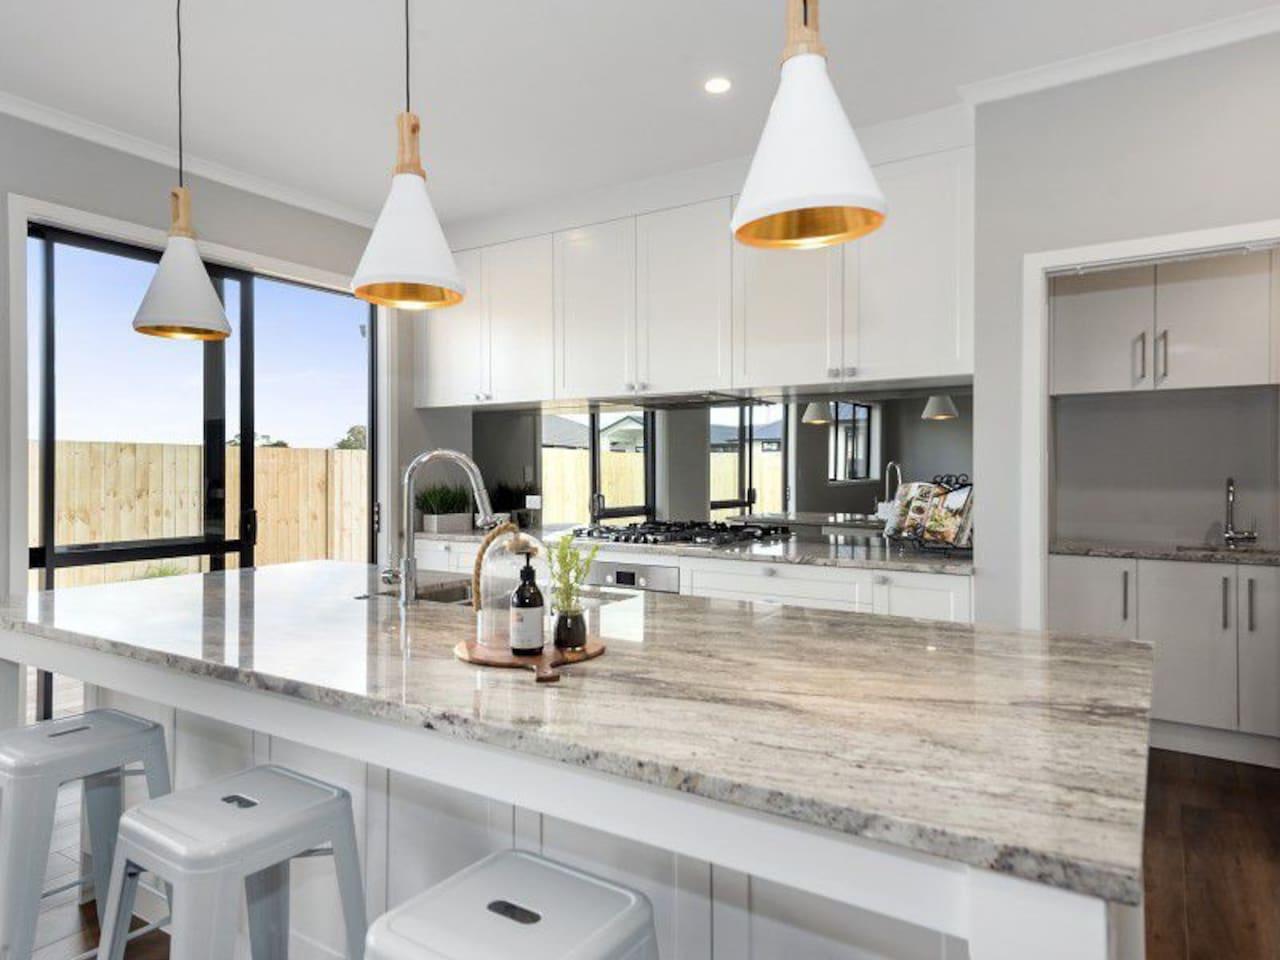 Borman B&B - Houses for Rent in Hamilton, Waikato, New Zealand